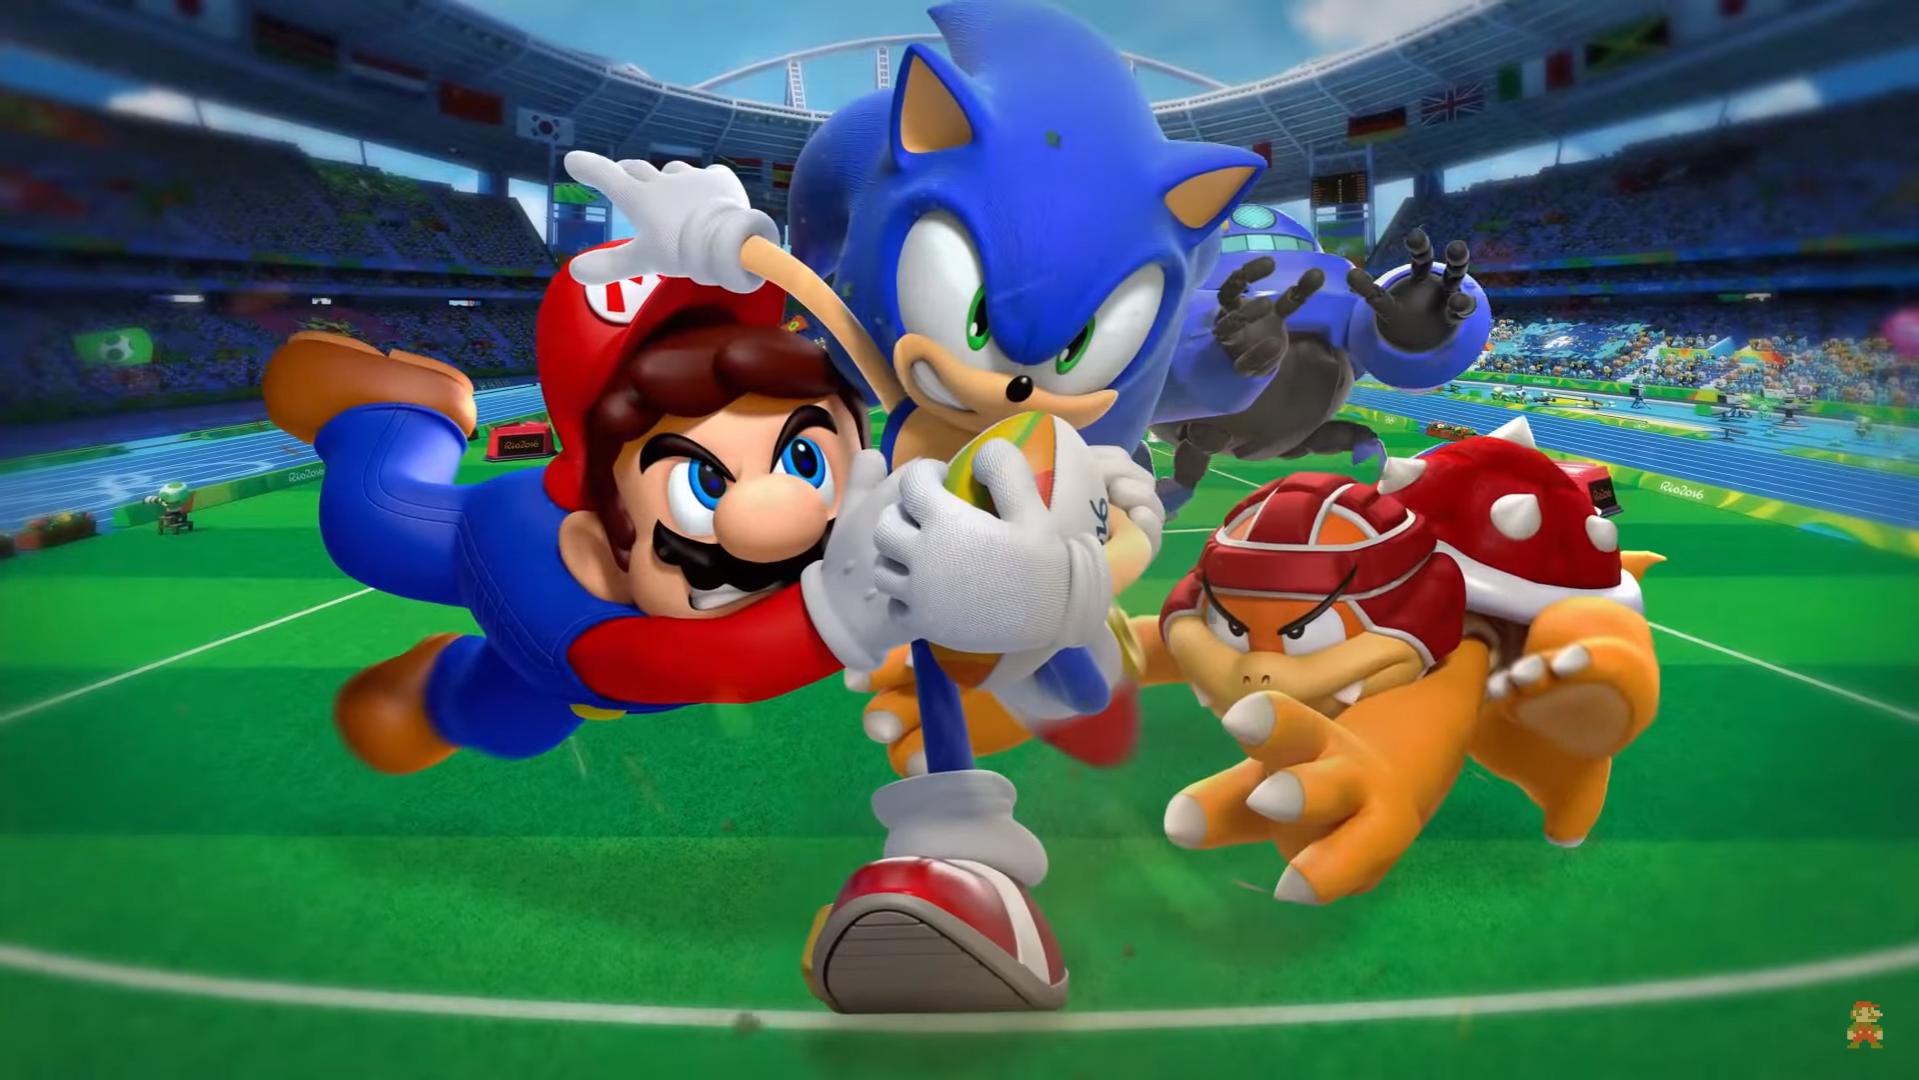 Ya disponible Mario & Sonic en los Juegos Olímpicos: Rio 2016 para Wii U